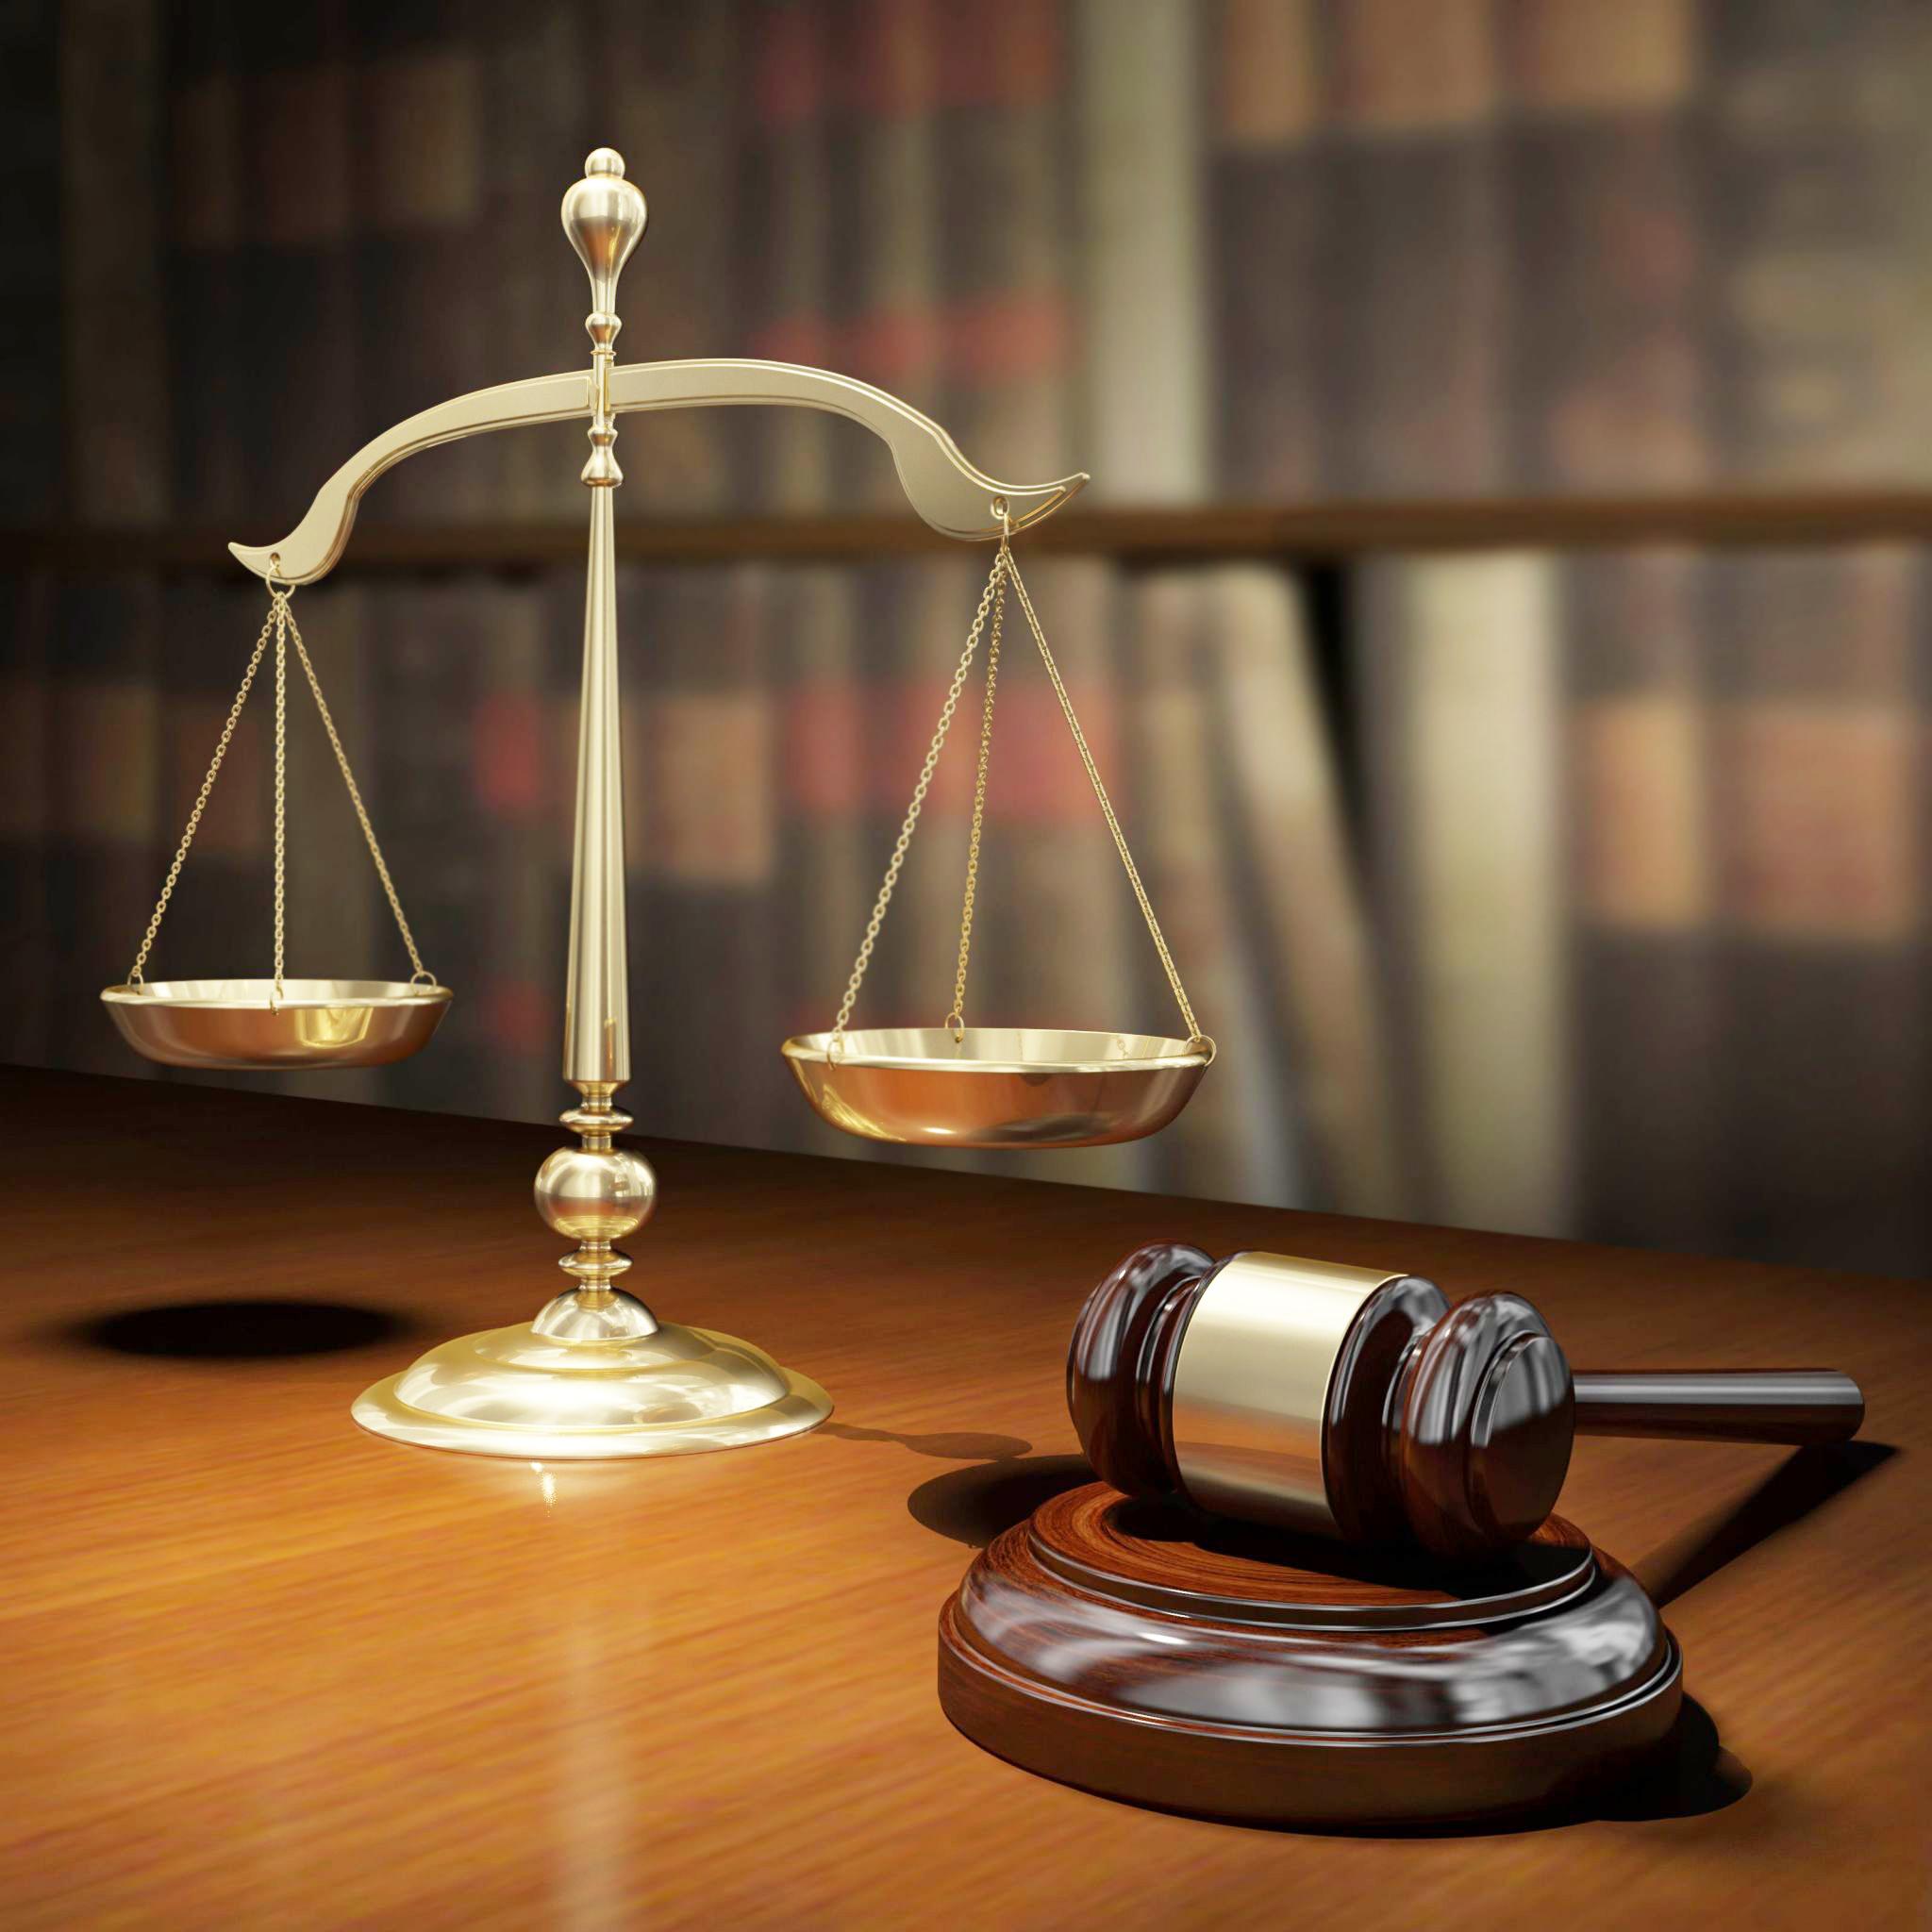 آموزش با طعم حقوق